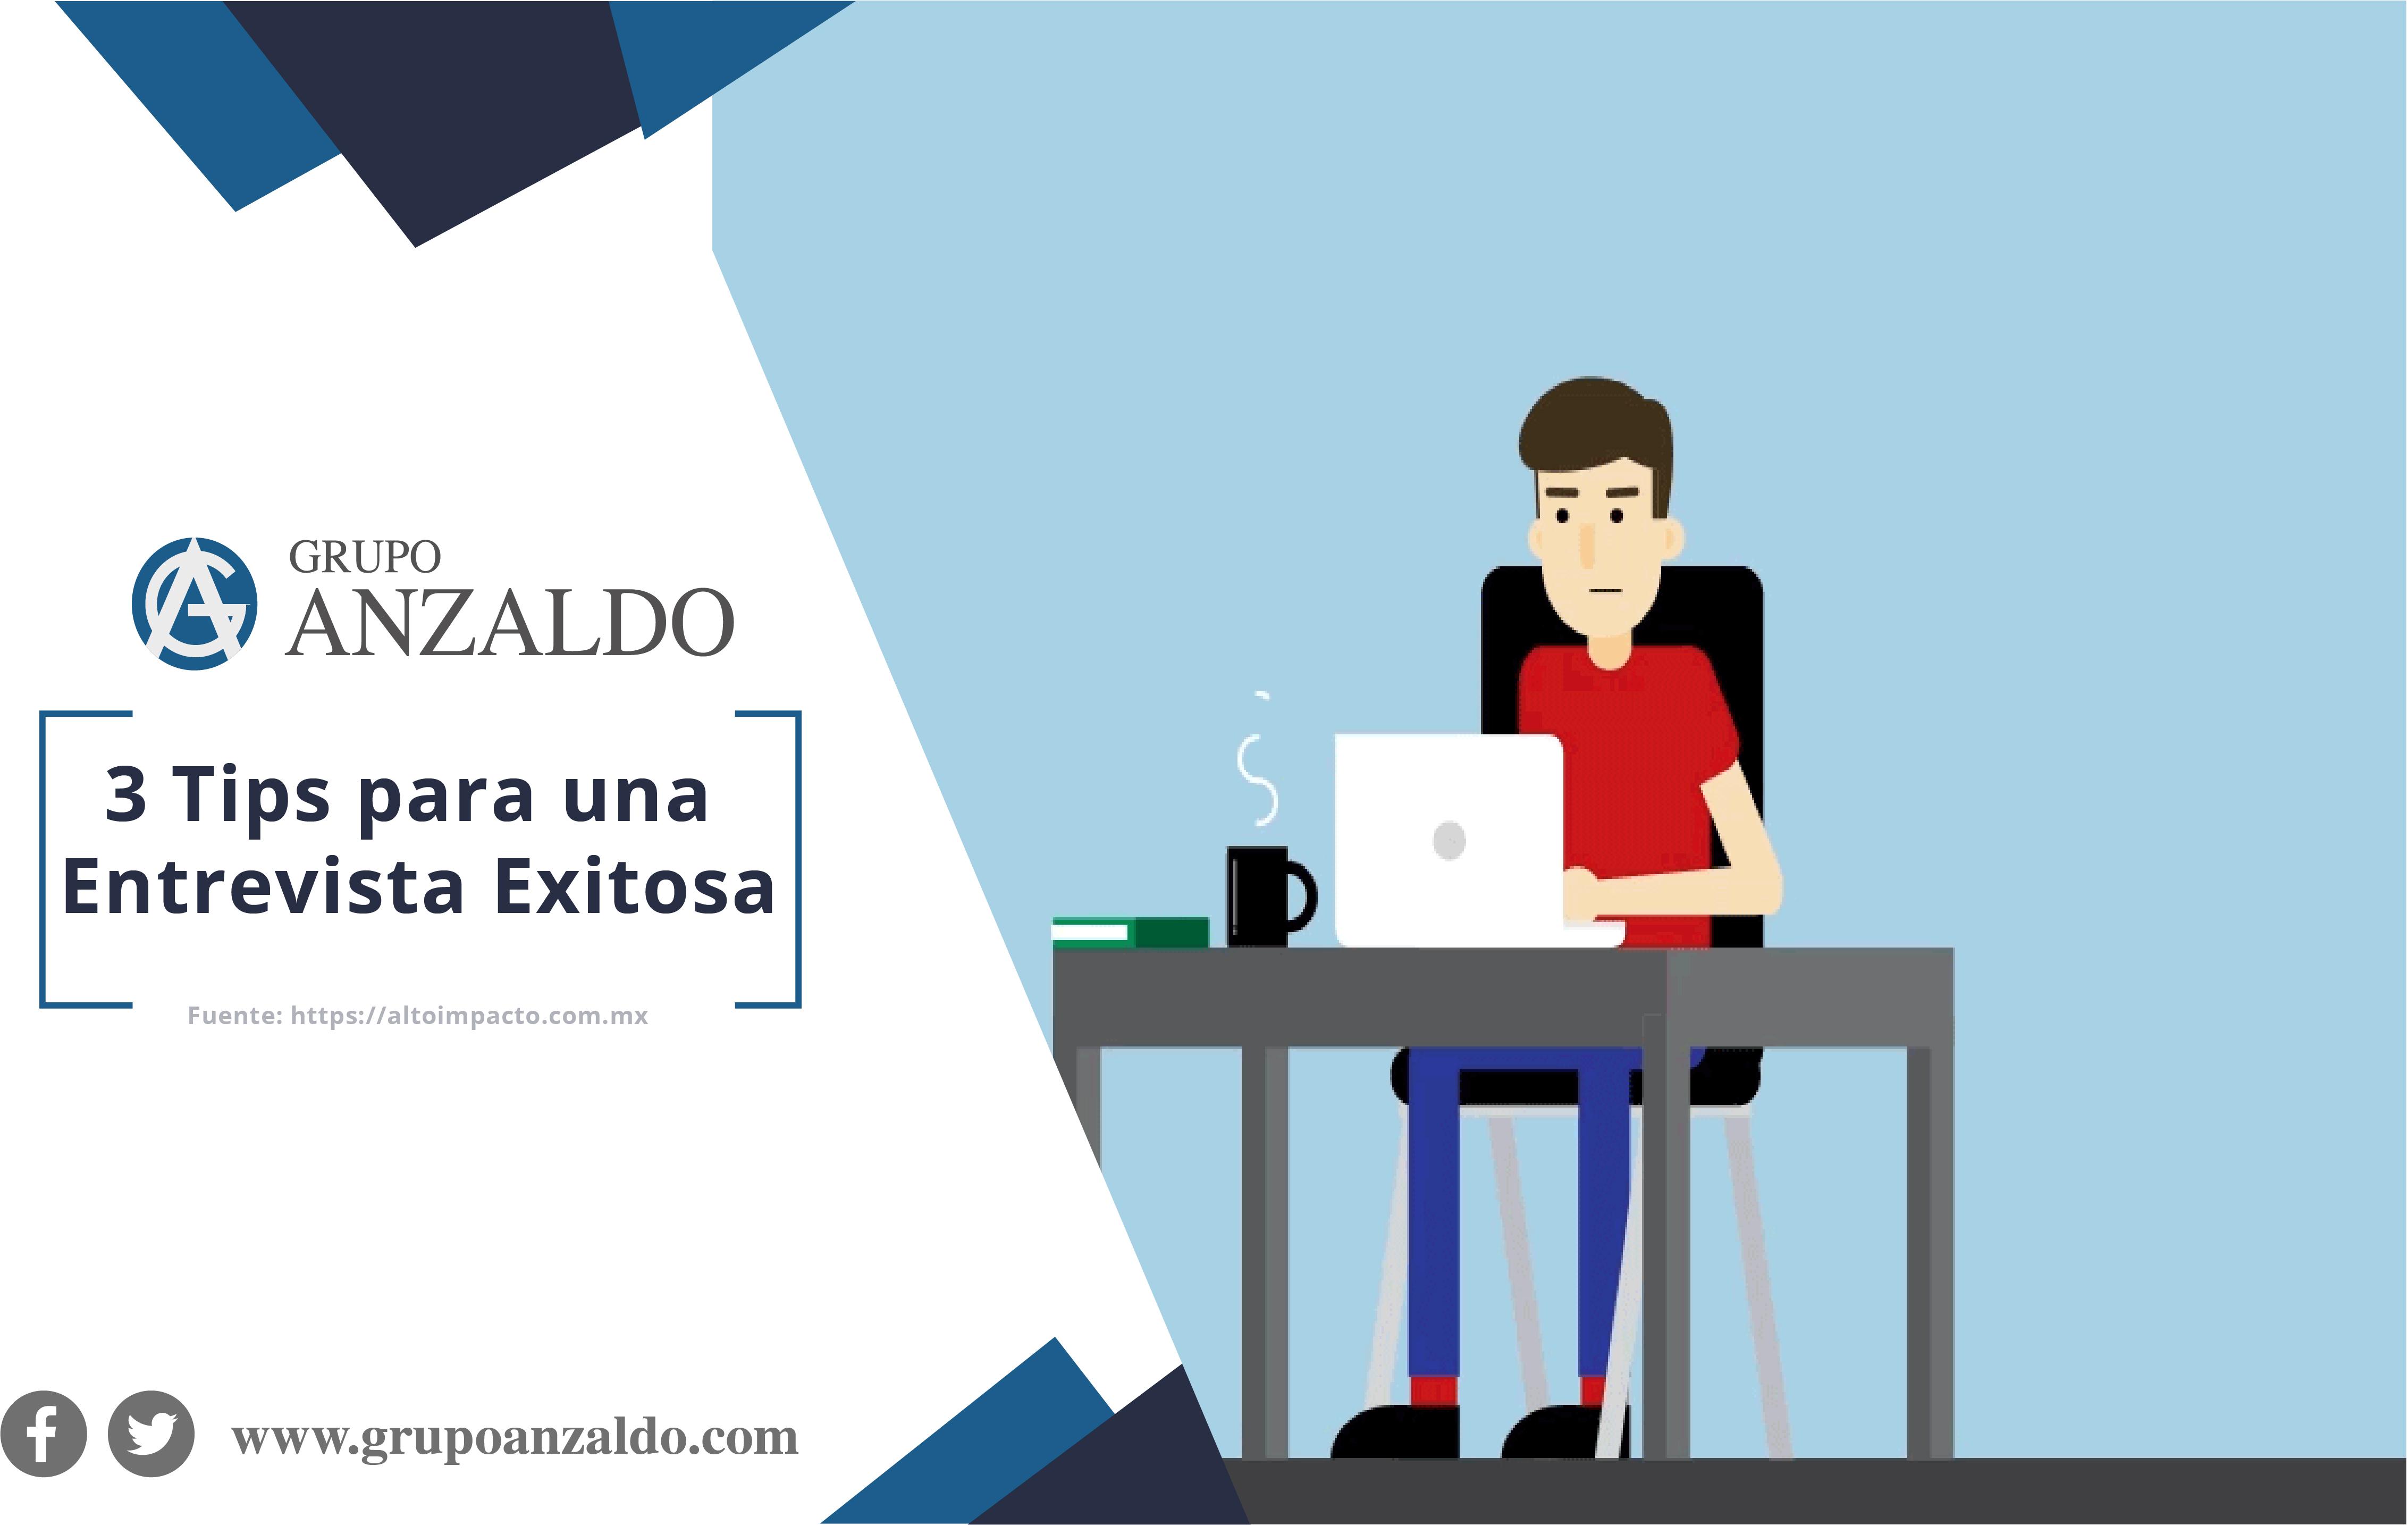 3 Tips para una Entrevista Exitosa